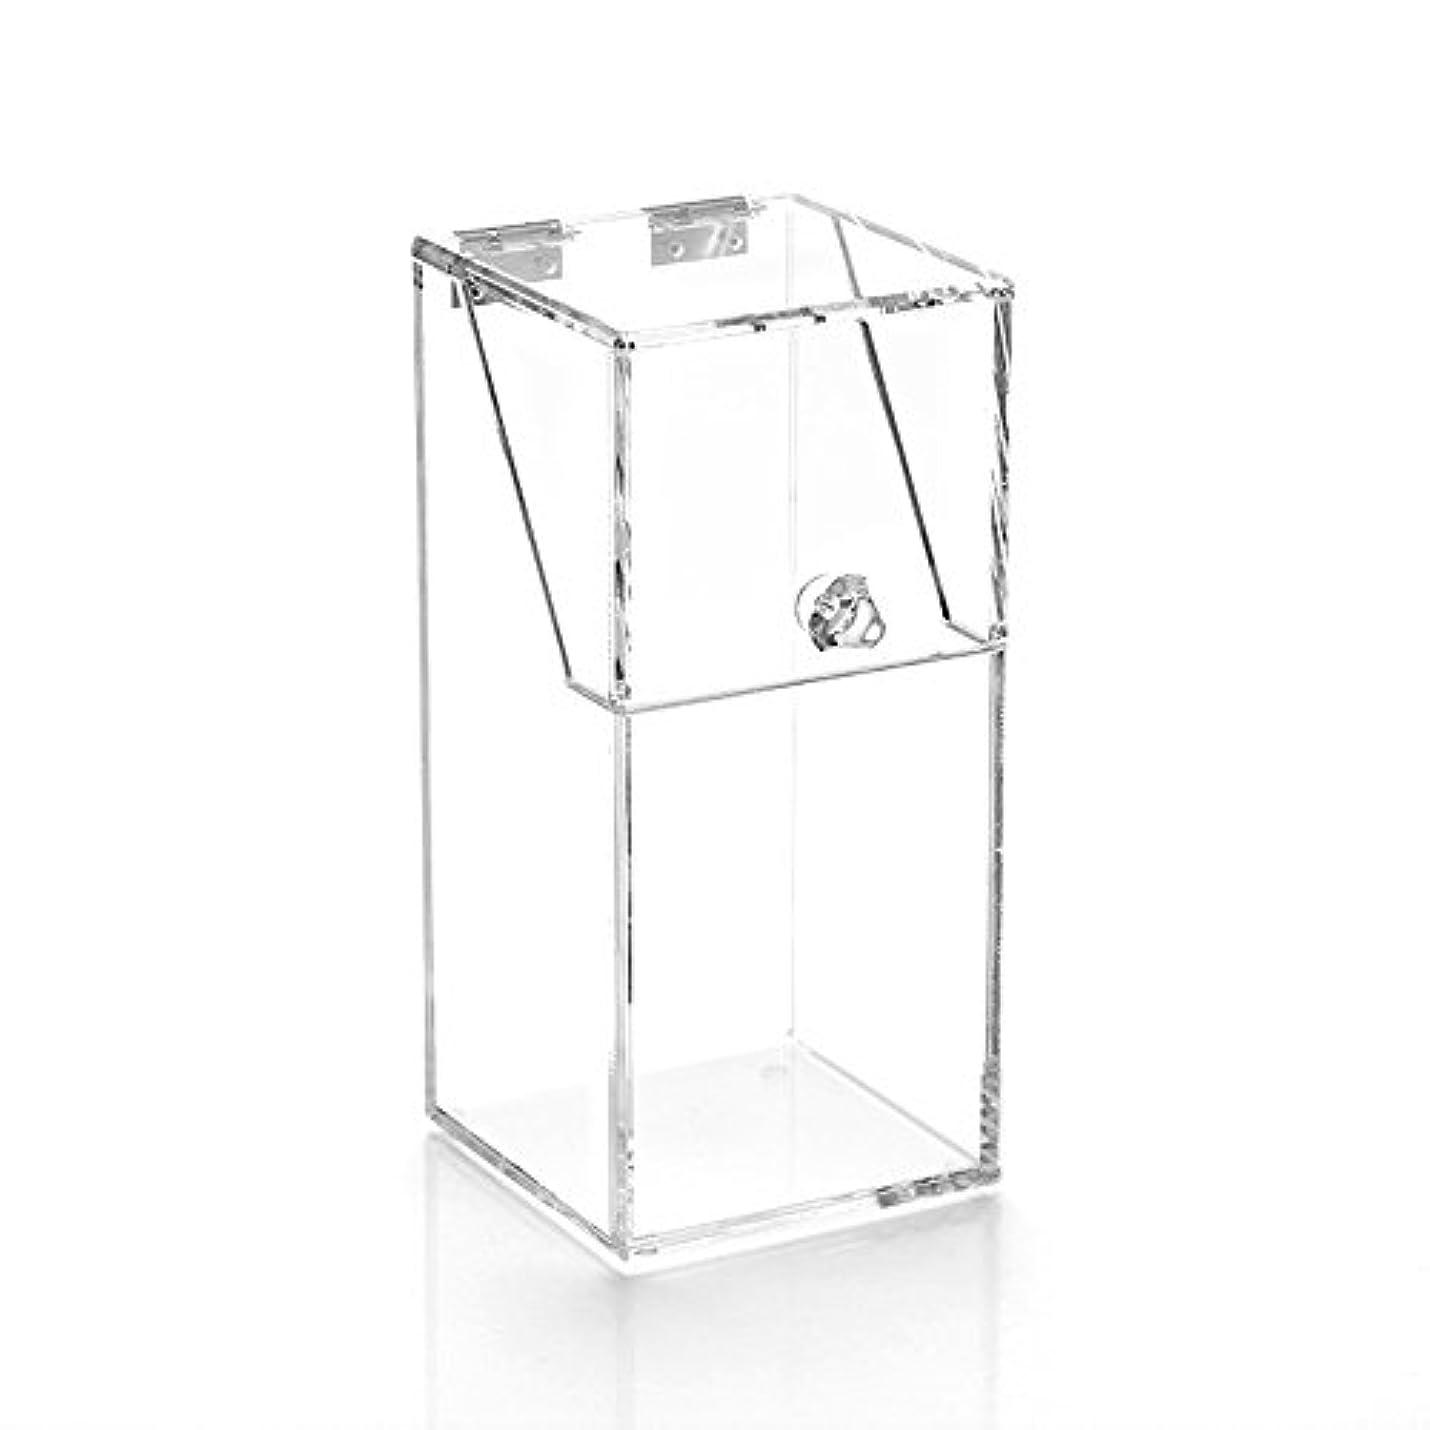 流産不利益省略Youth Union ブラシ収納ボックス、大容量のストレージボックス透明なアクリル (10*10*21.5CM)